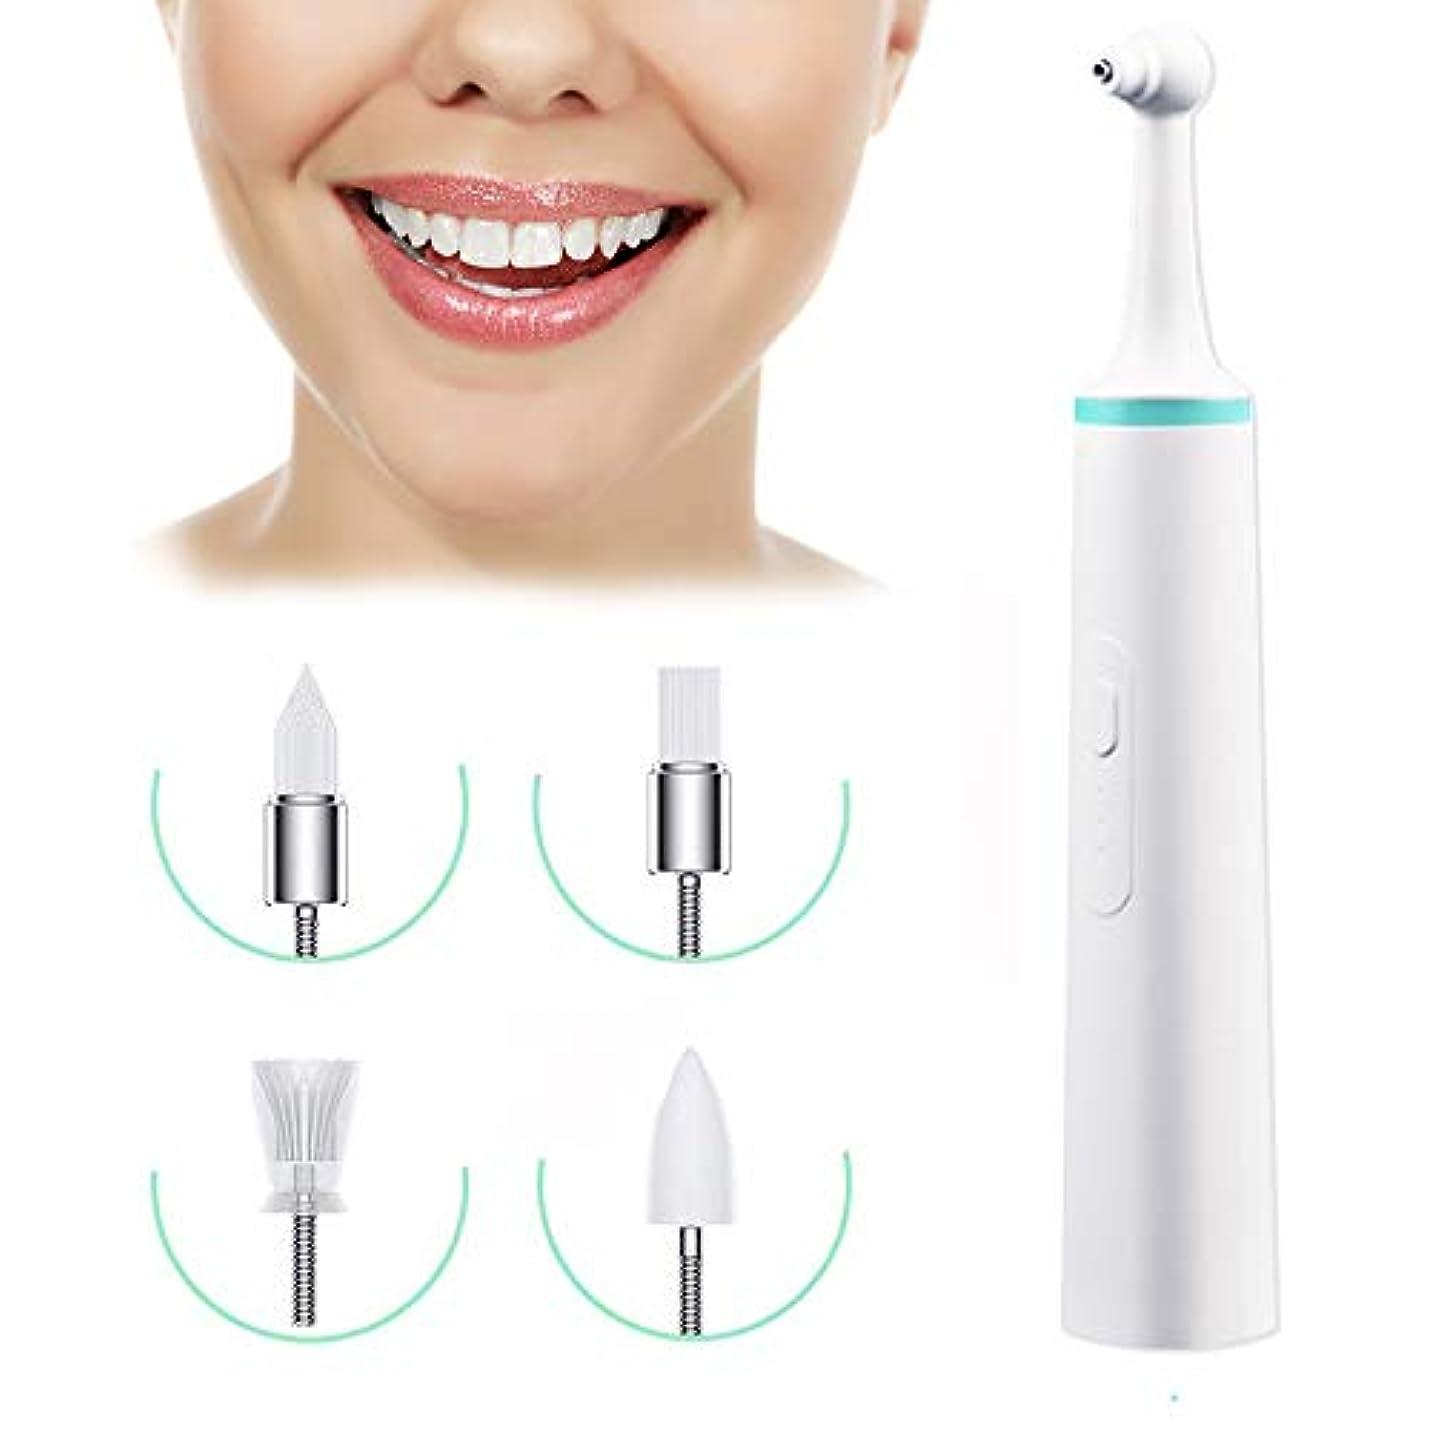 ベーコン繁殖モールス信号歯磨き用電動一体型デンタルギャップクリーナー、電動歯磨き機洗浄、歯科用ホワイトニング歯科用器具